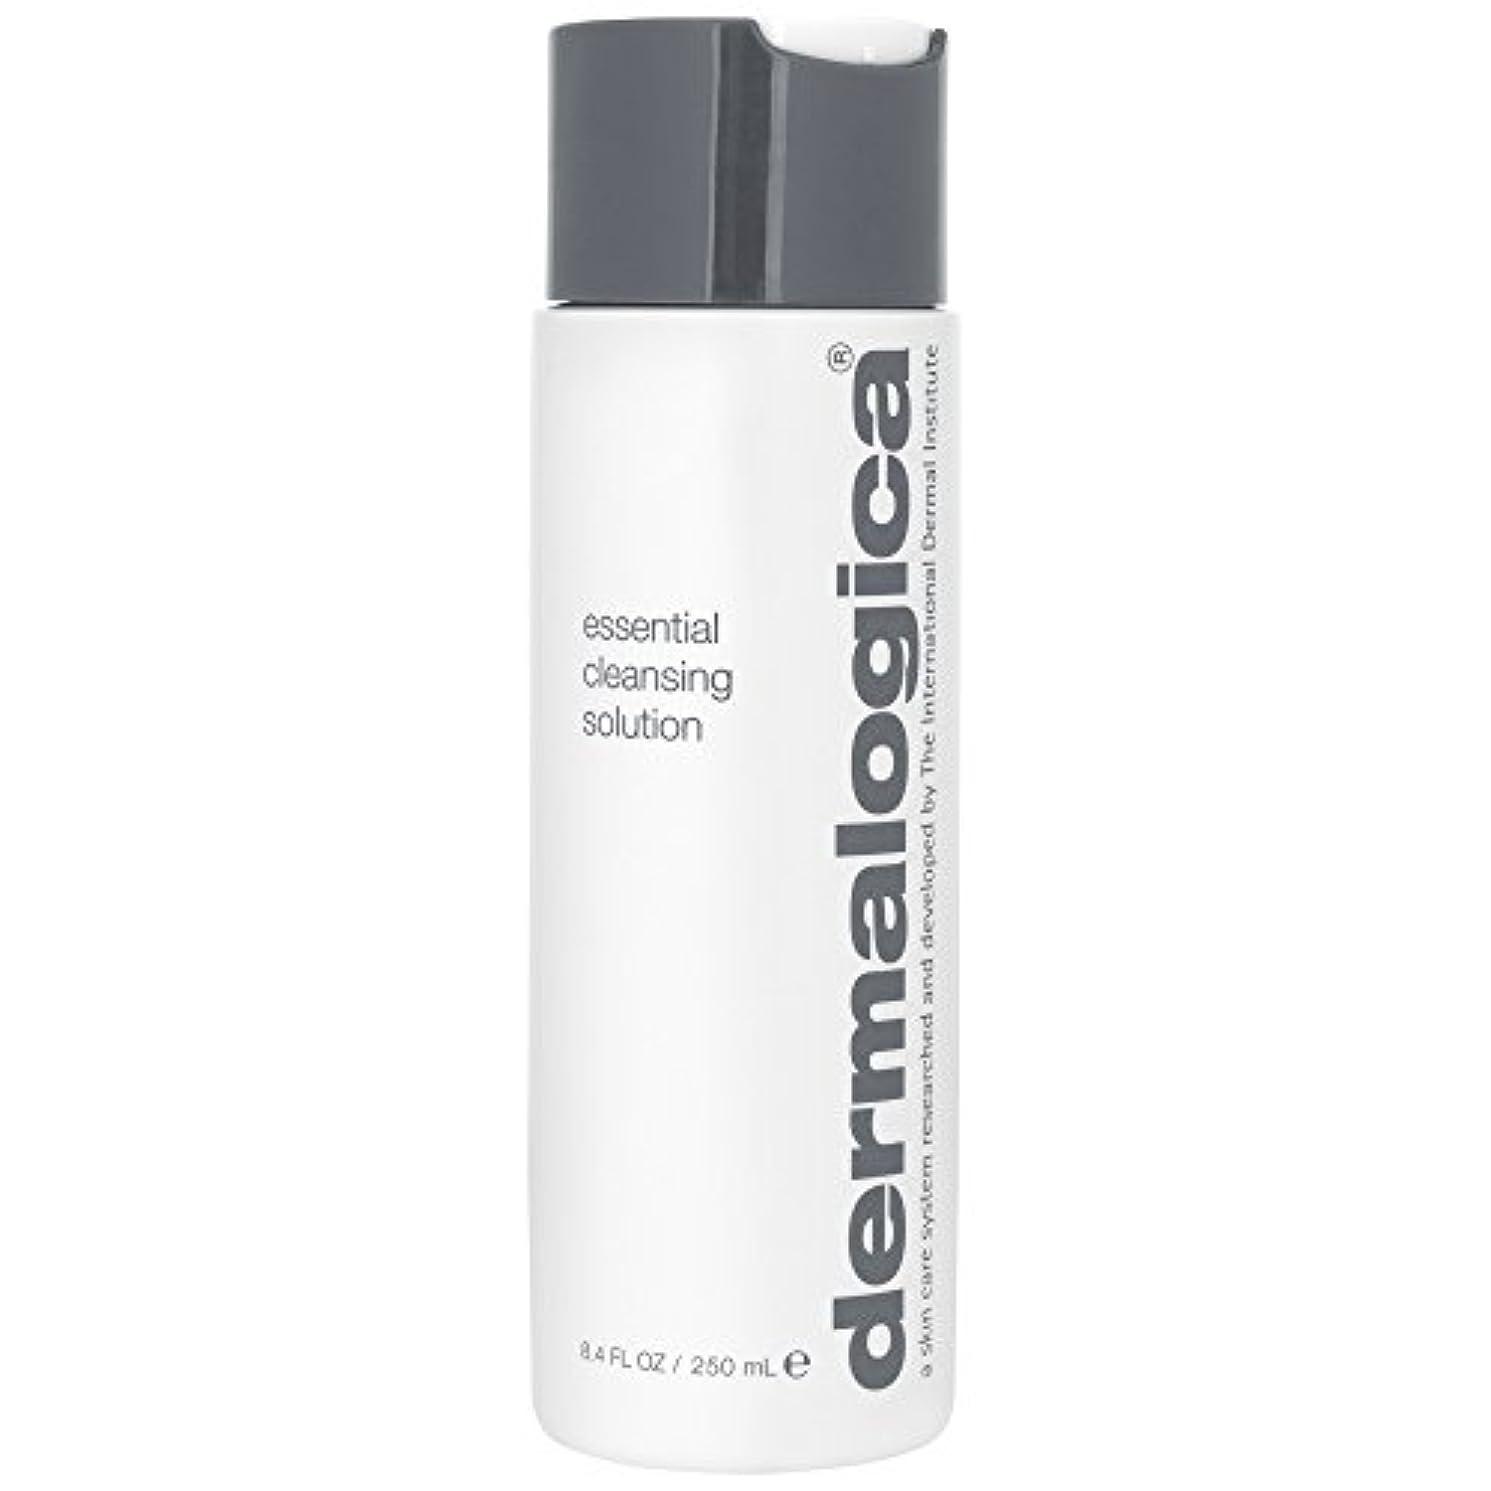 くびれたその後眠っているダーマロジカ不可欠な洗浄液の250ミリリットル (Dermalogica) (x6) - Dermalogica Essential Cleansing Solution 250ml (Pack of 6) [並行輸入品]